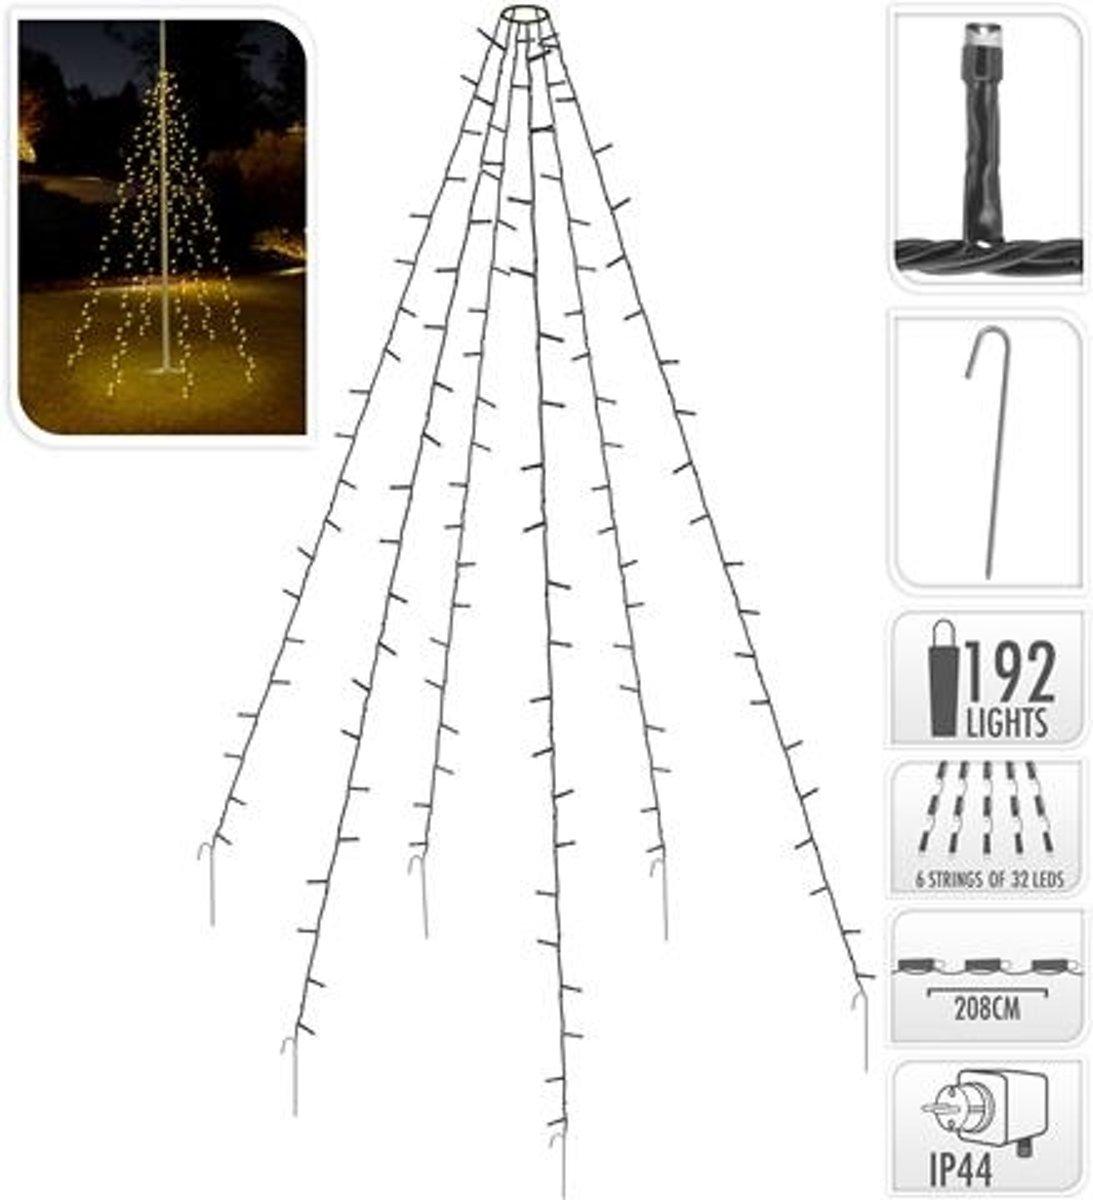 Vlaggenmast verlichting 192 LED's - 208 cm hoog - warm wit licht - waterdicht kopen